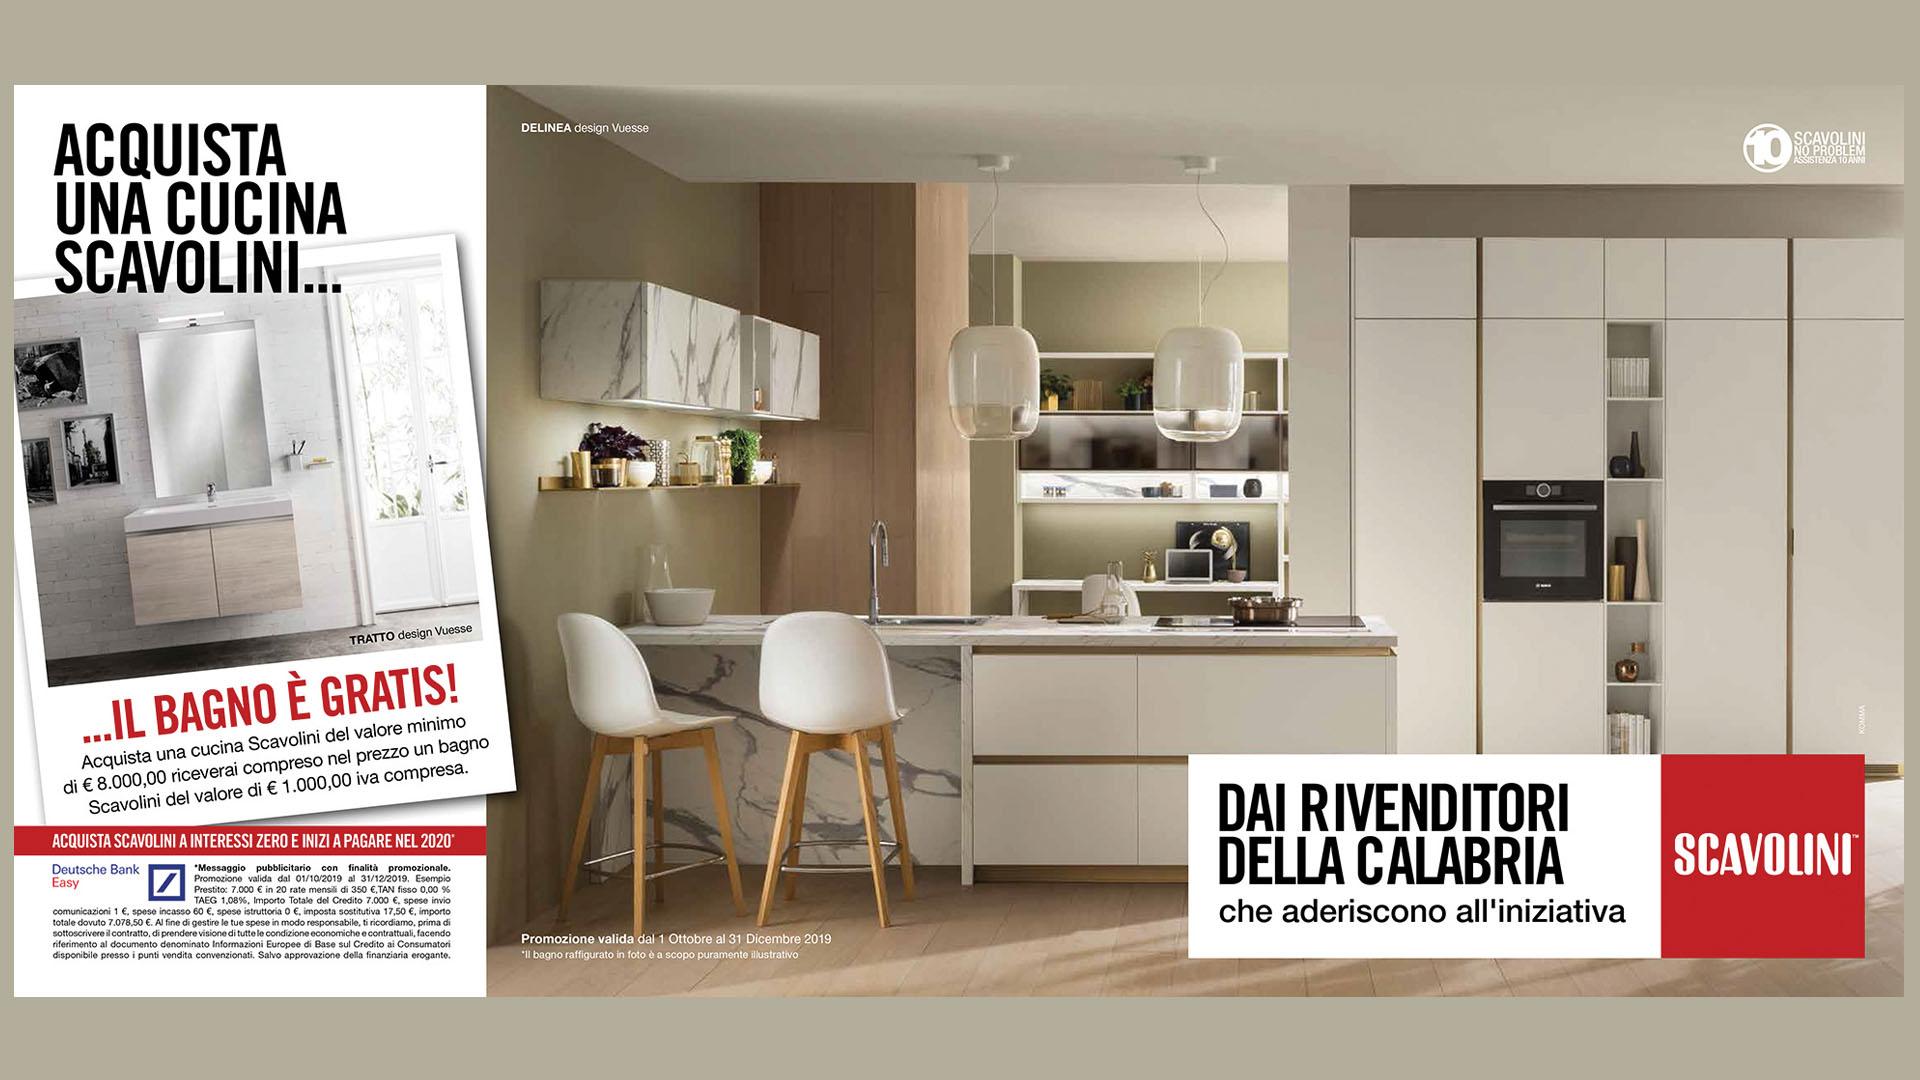 Progettare Cucina On Line Gratis cucina de linea cucina senza maniglia scavolini - cucine